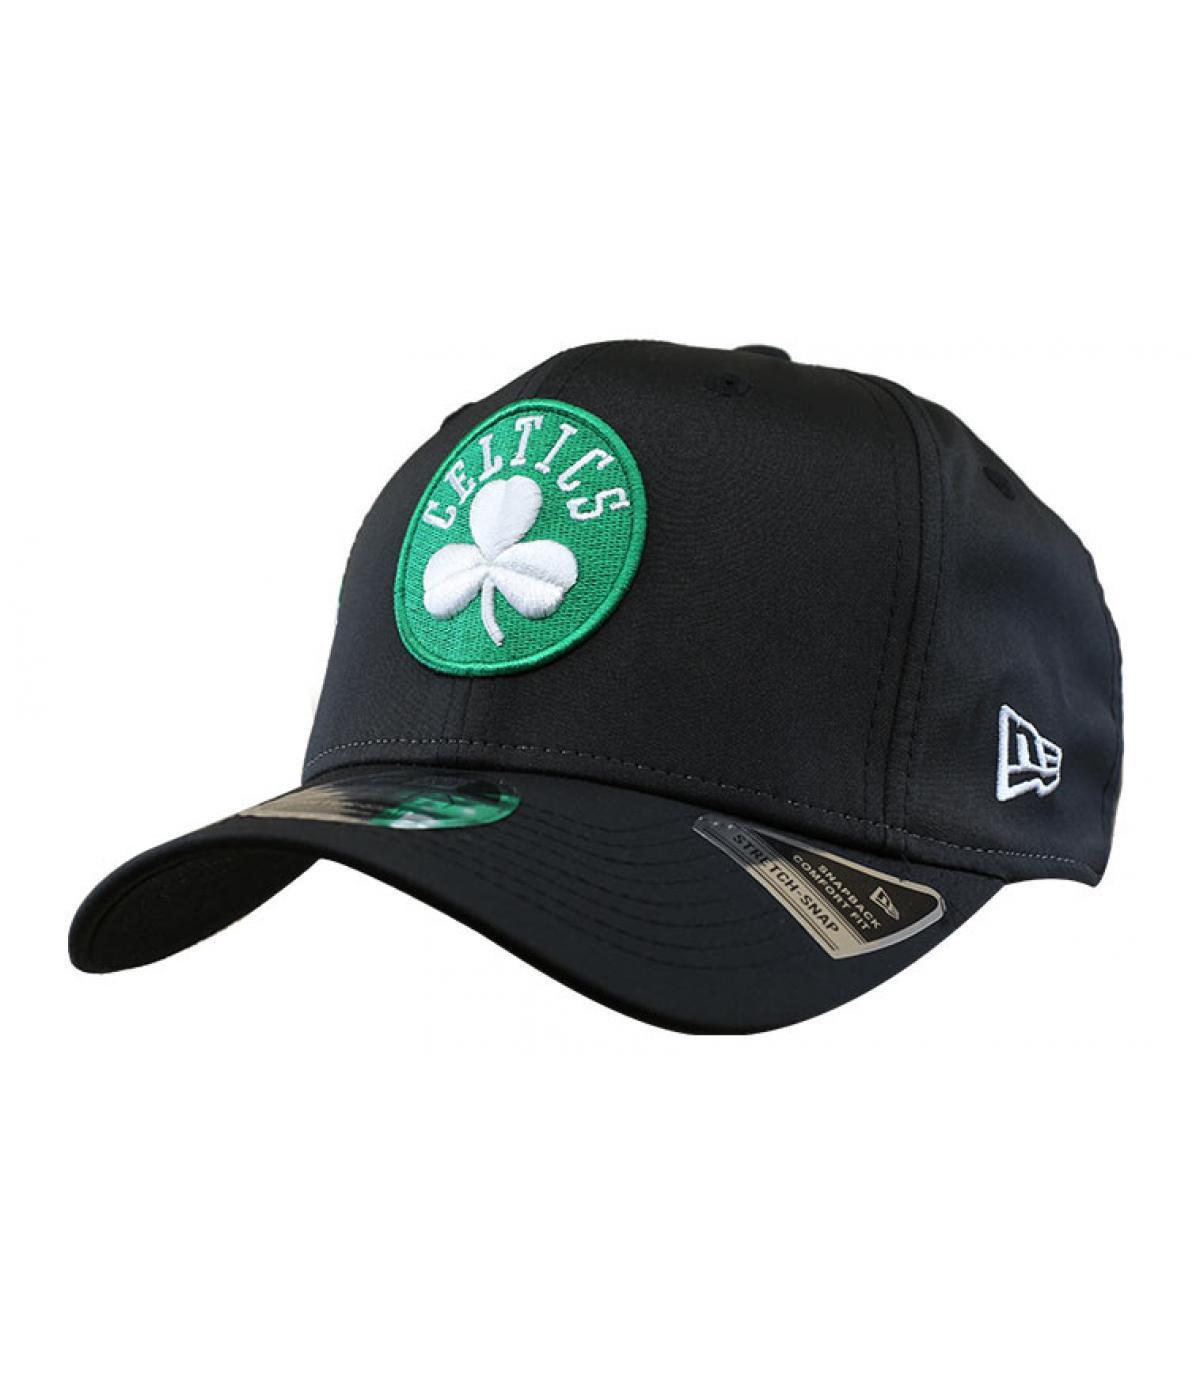 Détails Casquette NBA 950 Stretch Celtics - image 2